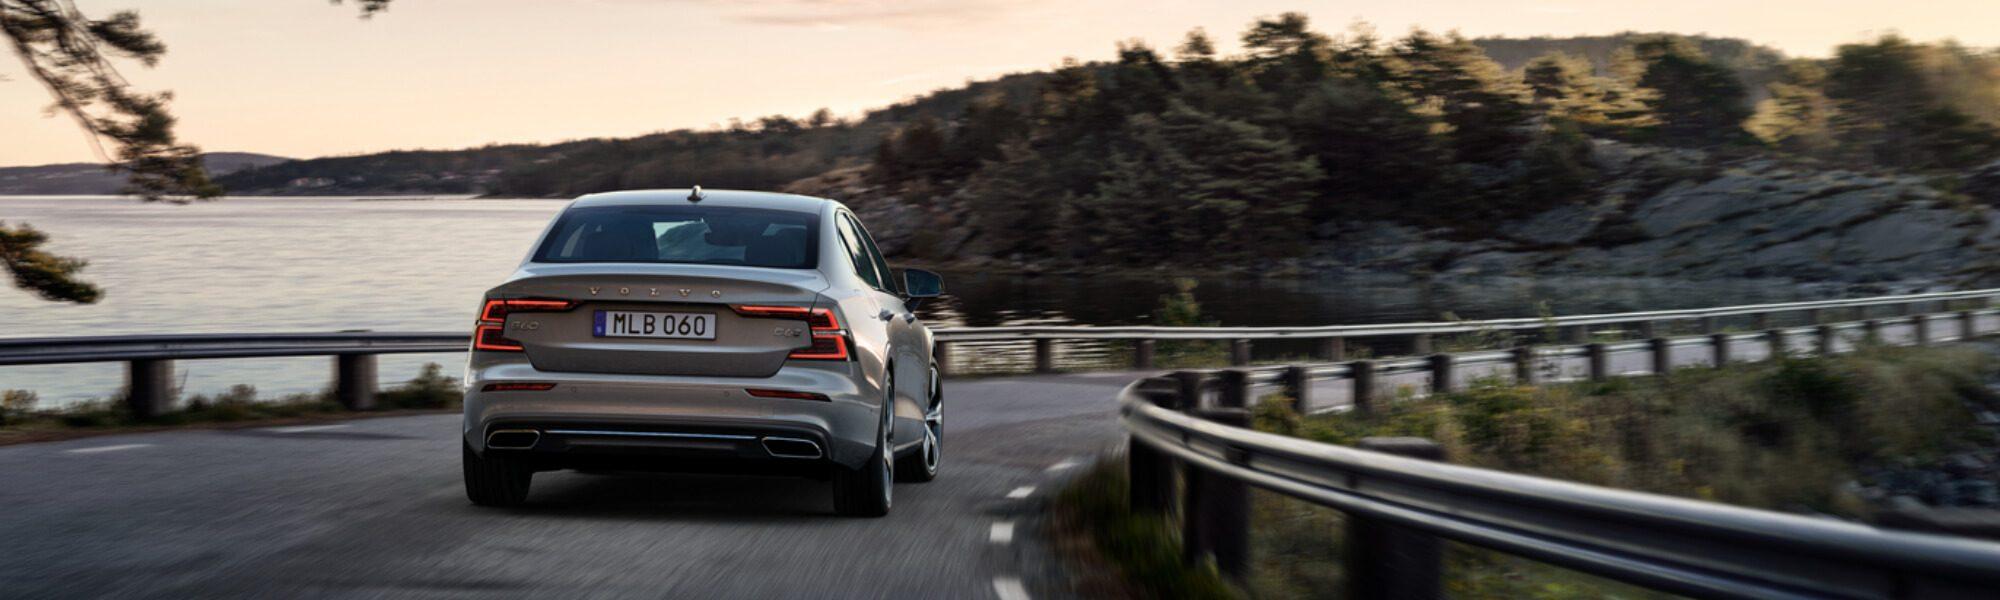 Volvo S60 Mild Hybrid hero